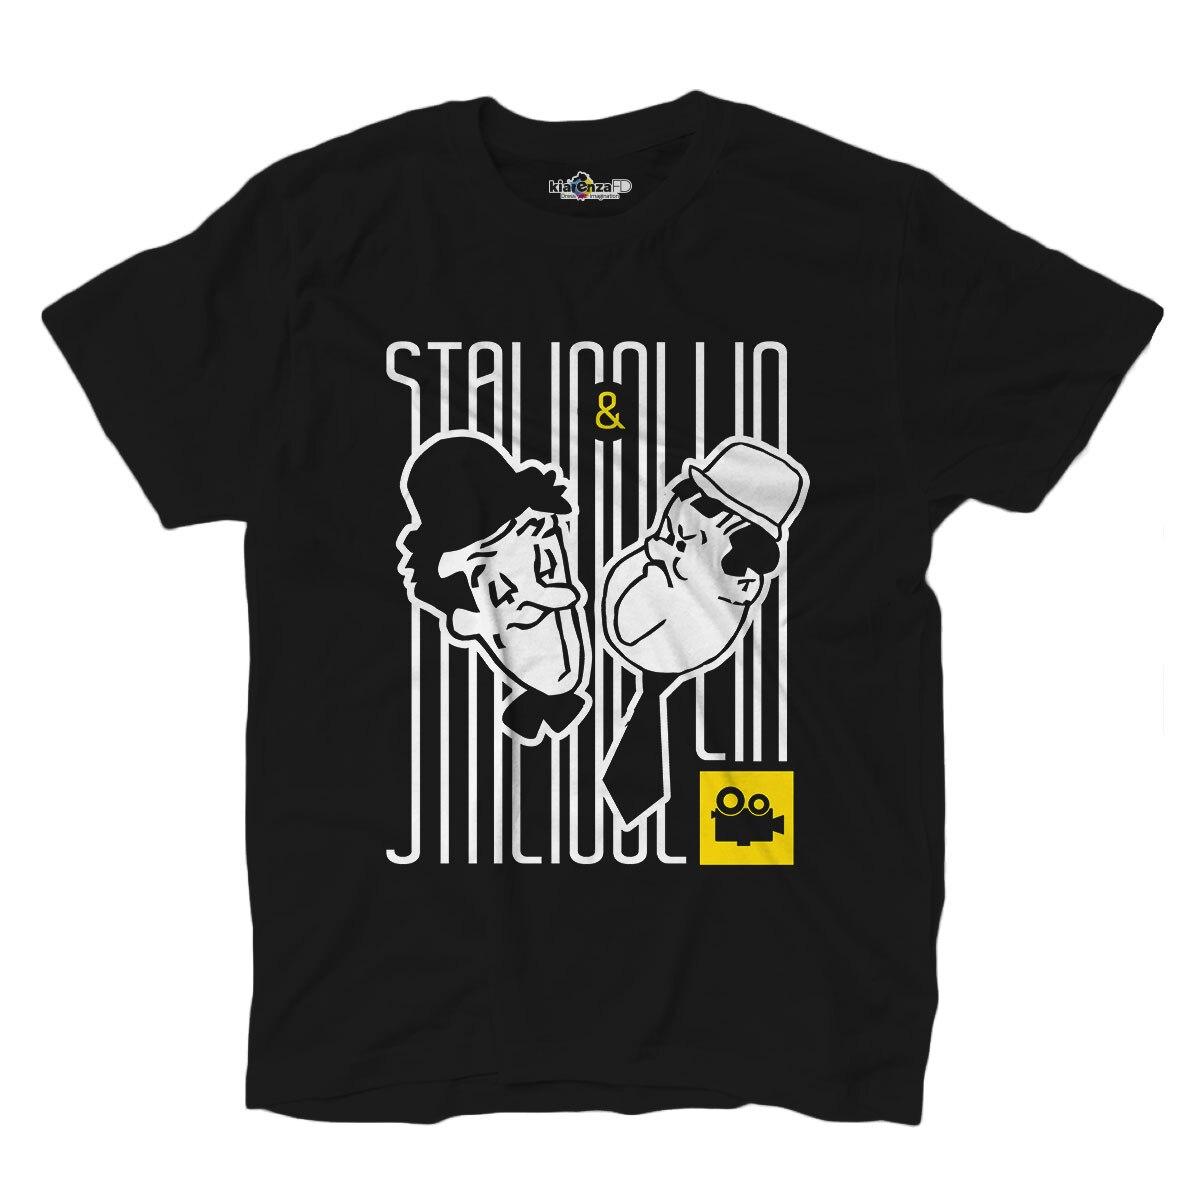 Camiseta T camisa película de culto de los escritores Stalio y Ollio cine actores de cine negro